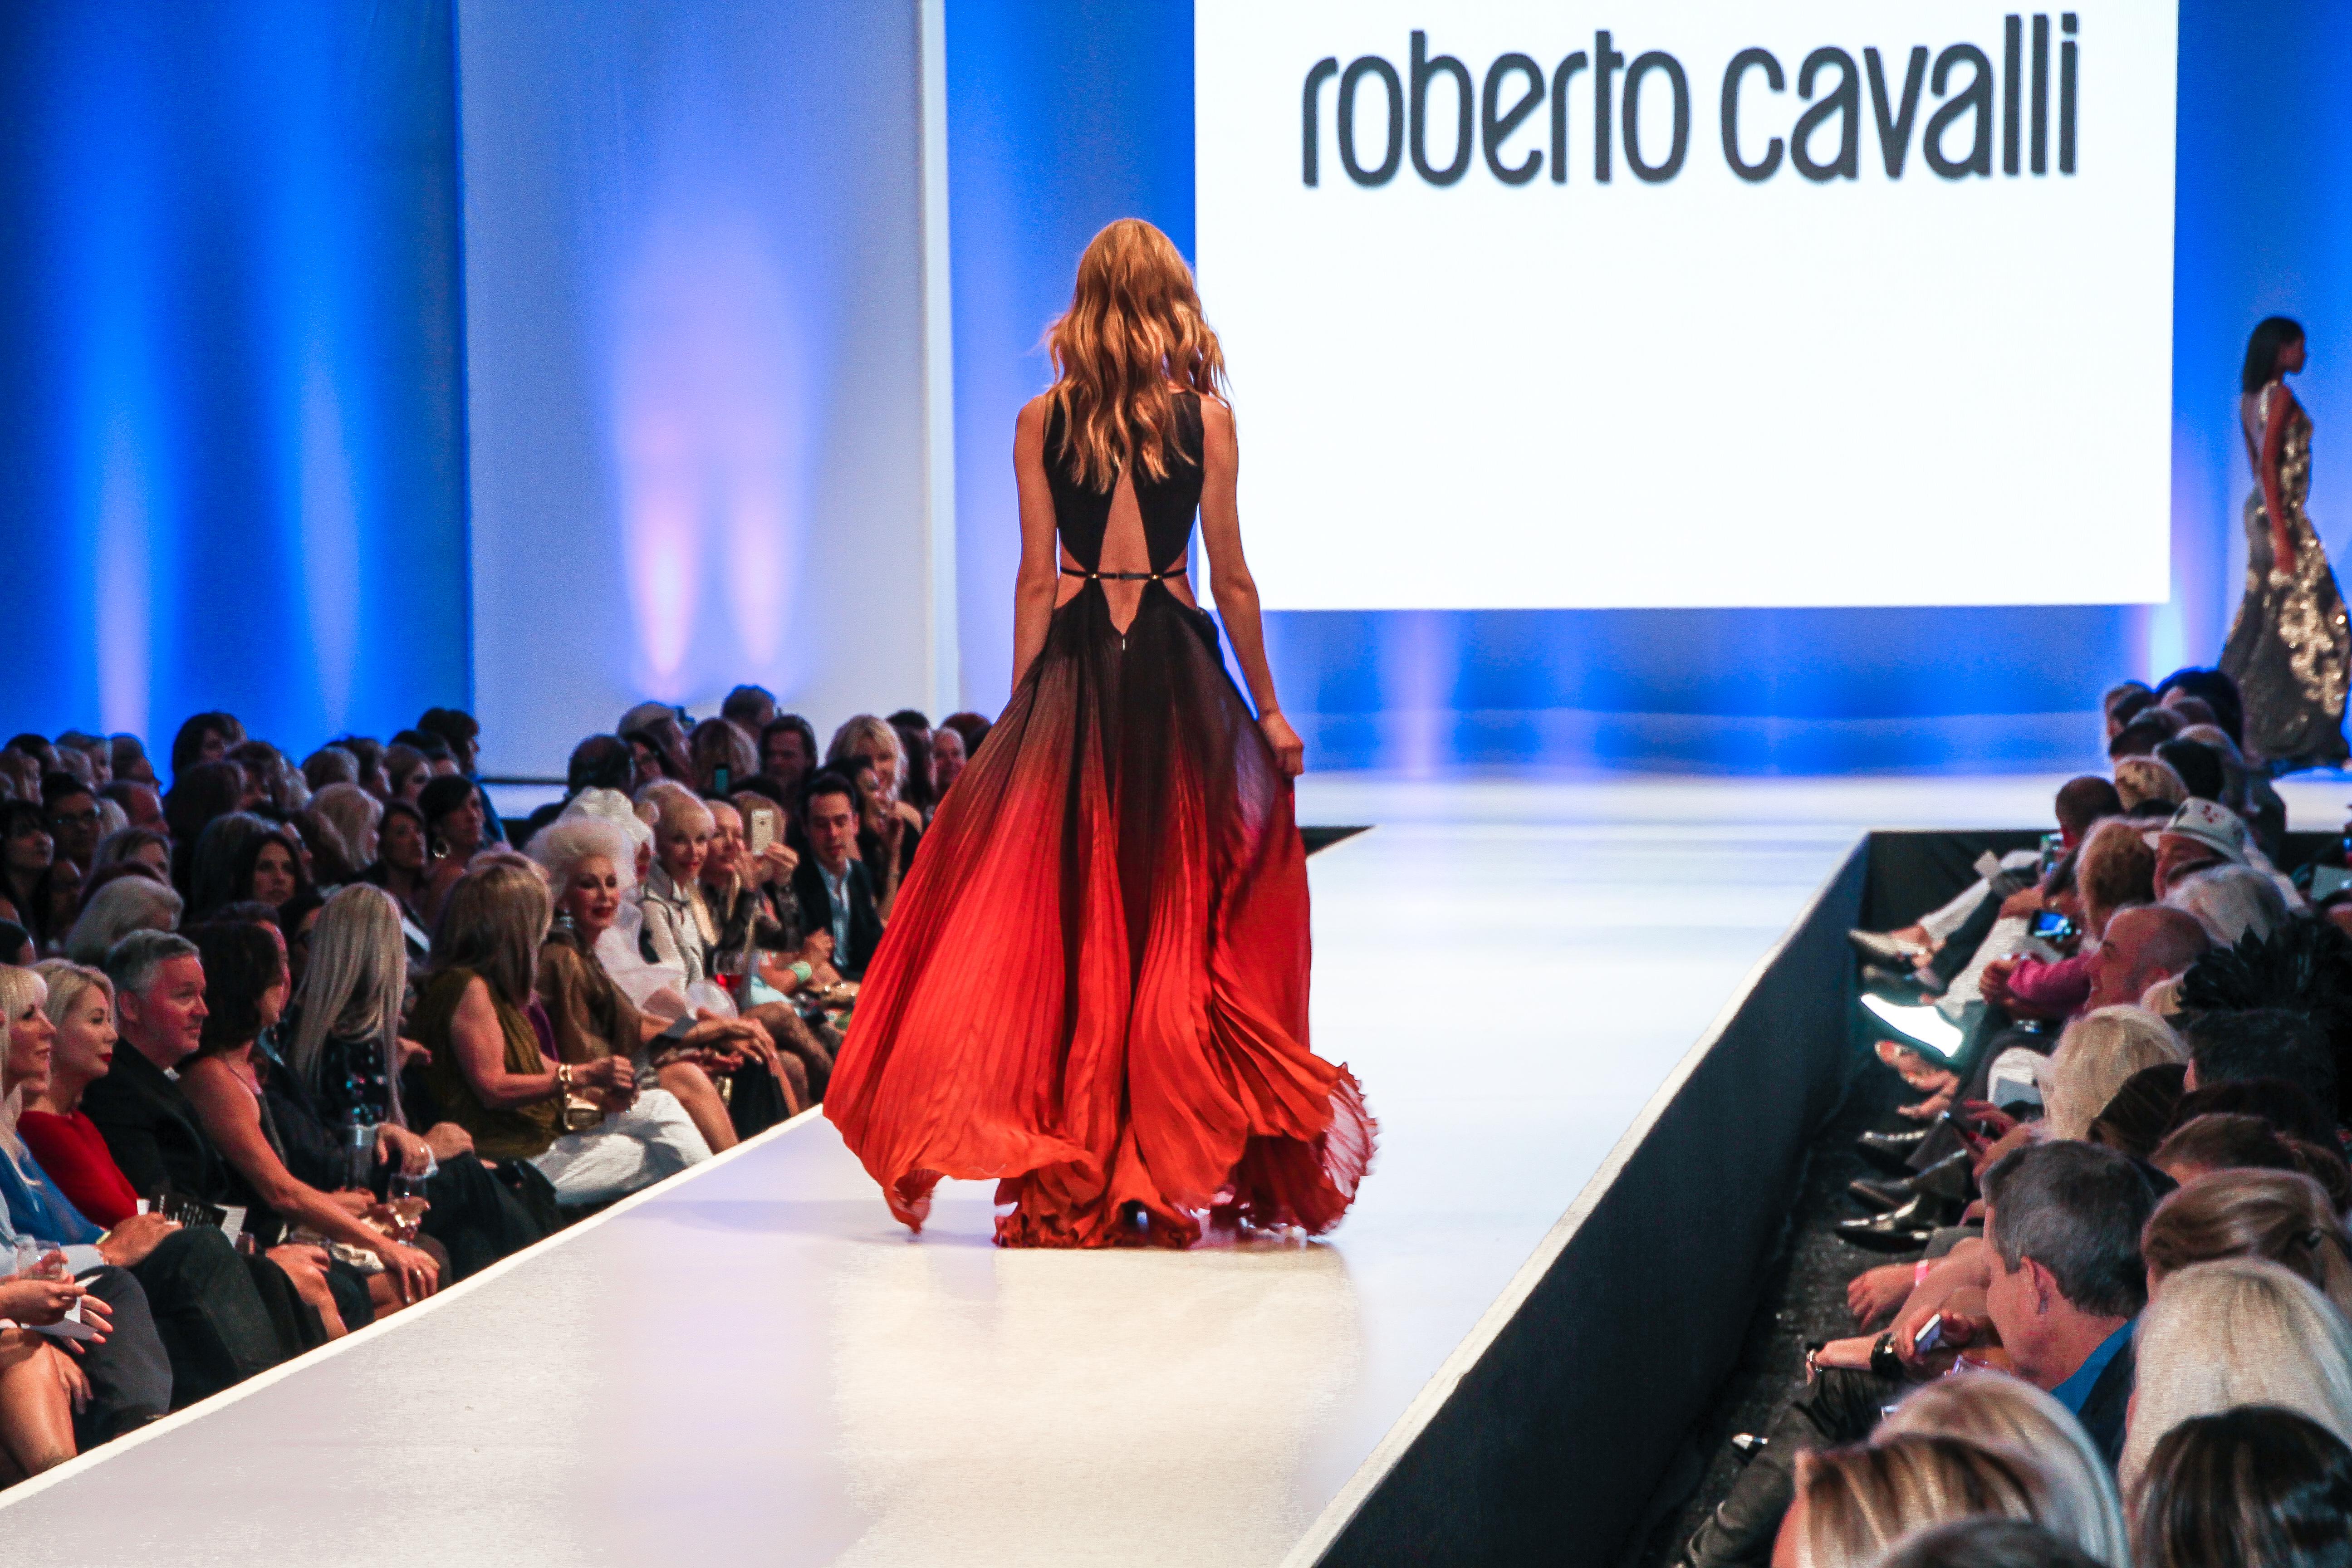 El Paseo 2015 Roberto Cavalli MAR 27 201